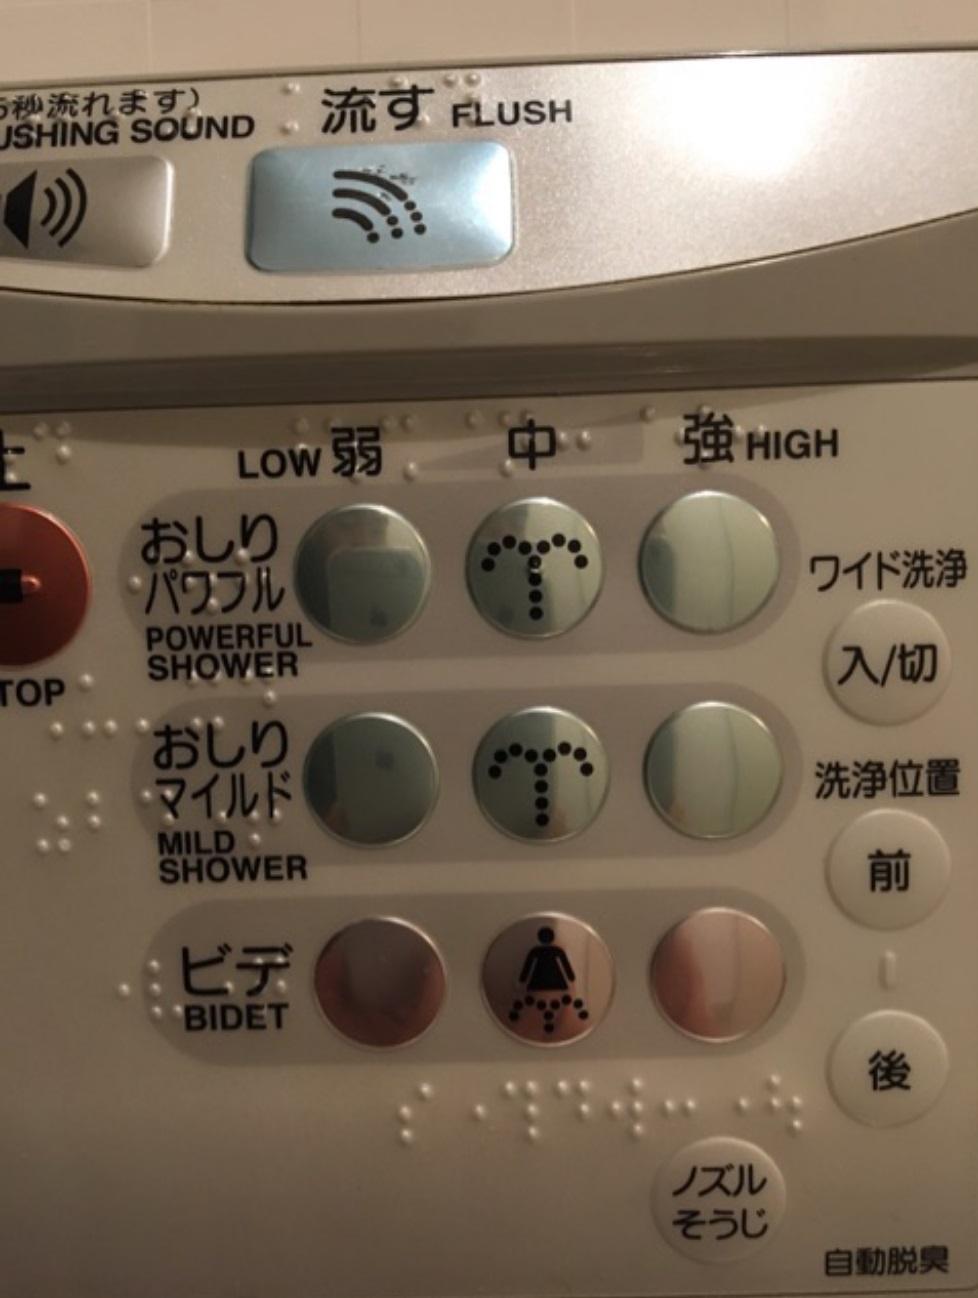 フォーリンラブ・ハジメ 女子トイレで「空前絶後」の事態に陥る